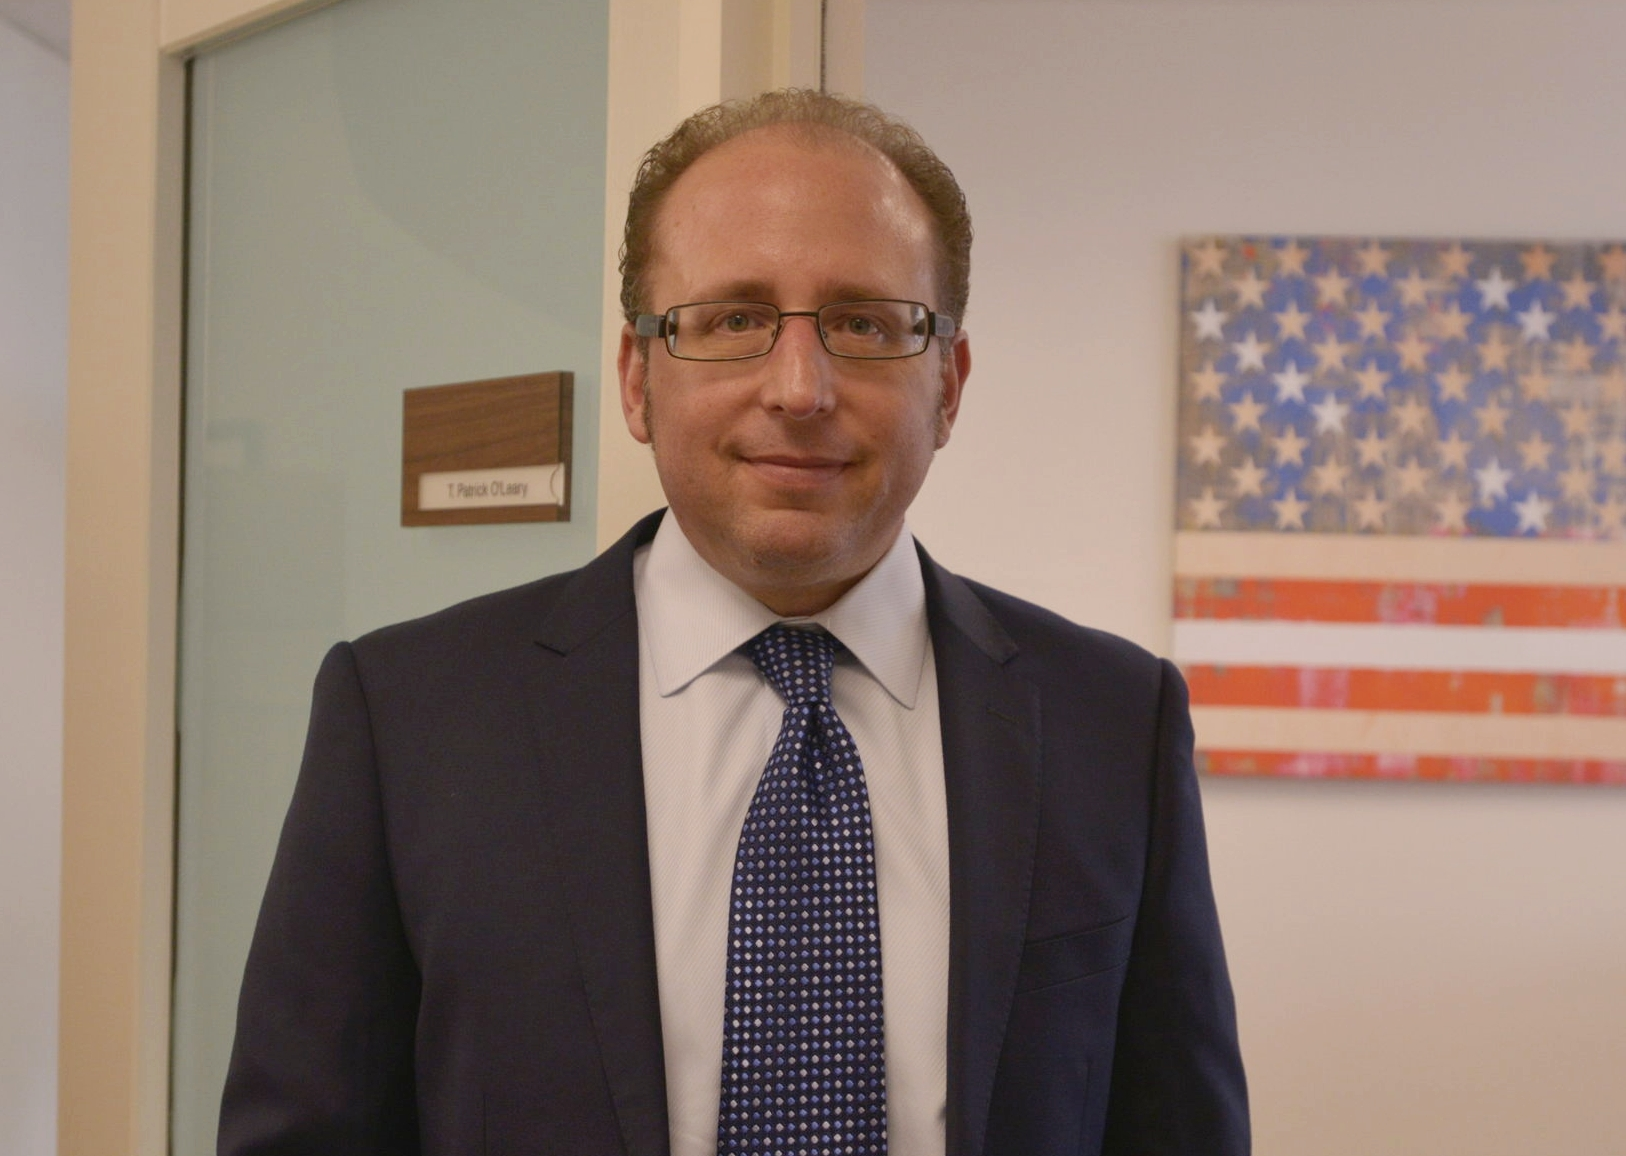 Elliot M. Lonker